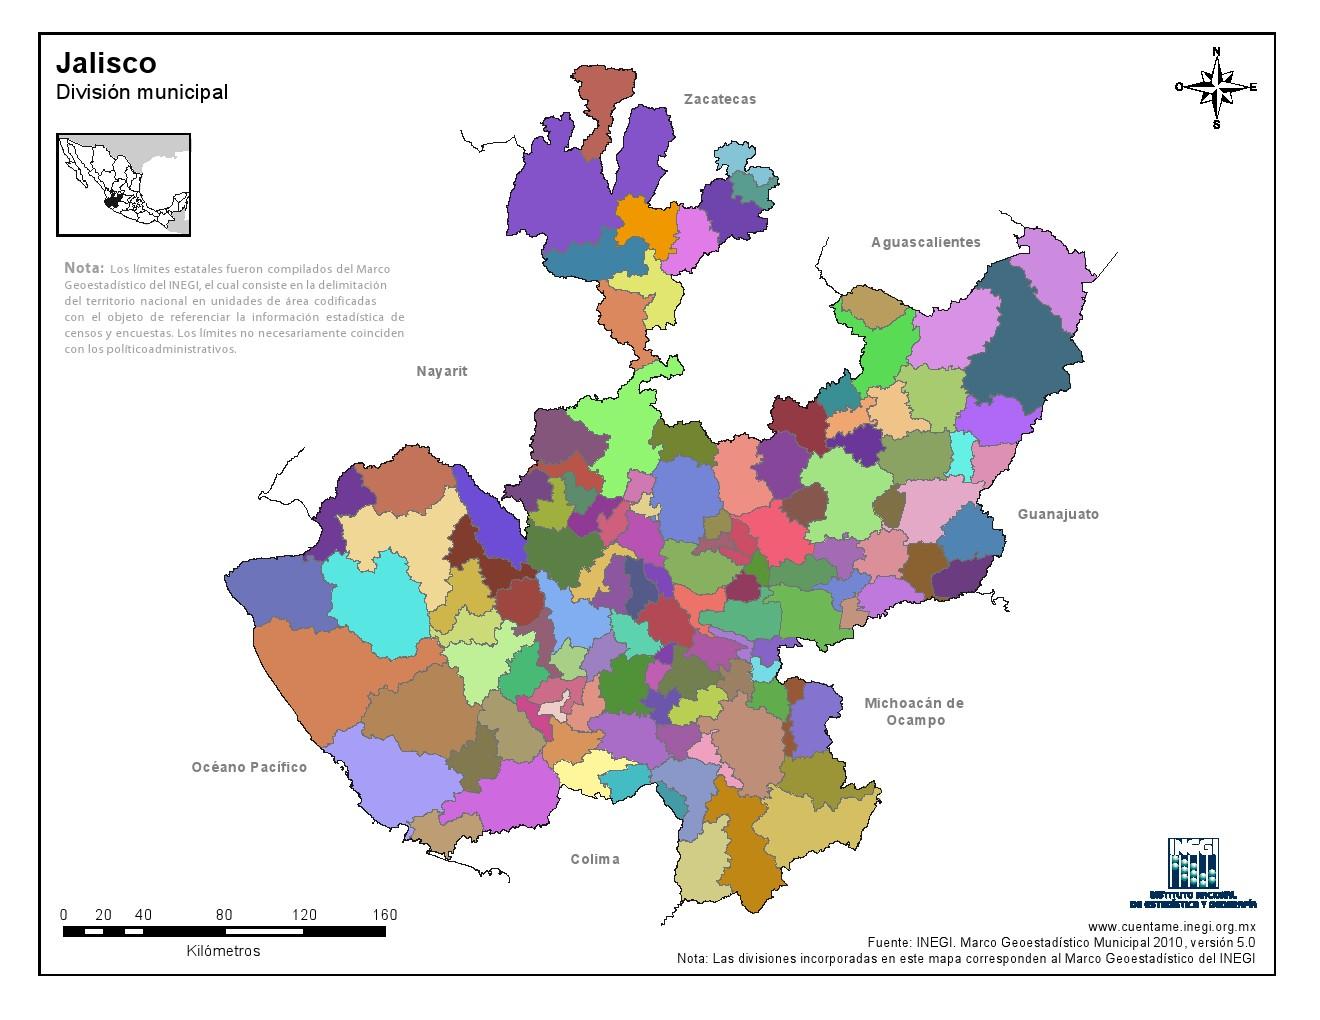 Mapa mudo de municipios de Jalisco. INEGI de México